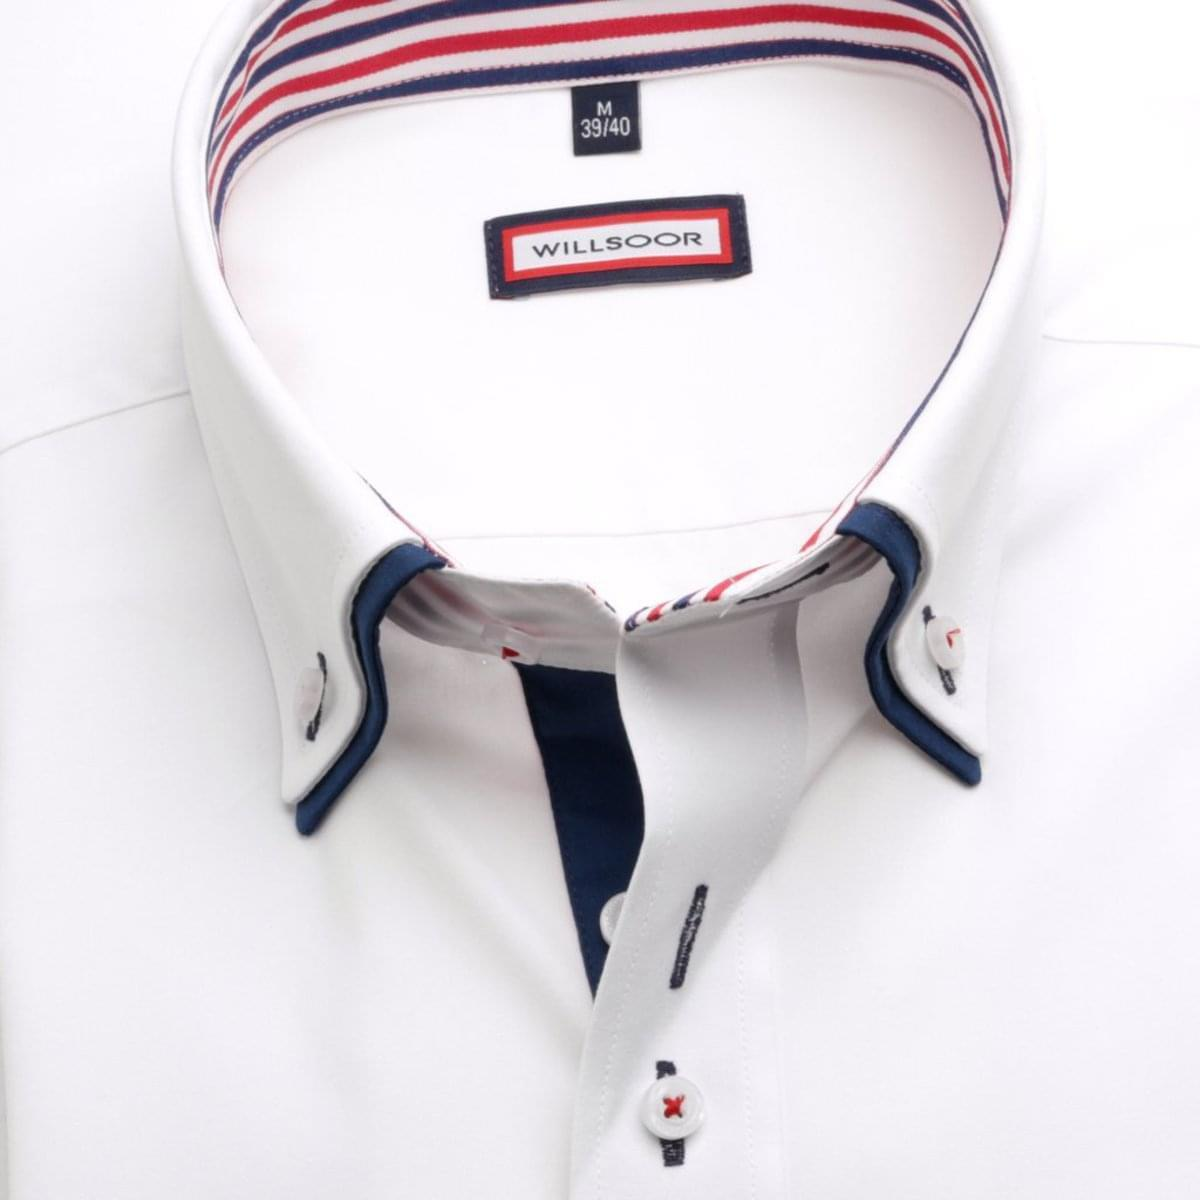 Pánská košile Classic v bílé barvě (výška 164-170) 5462 176-182 / XL (43/44)